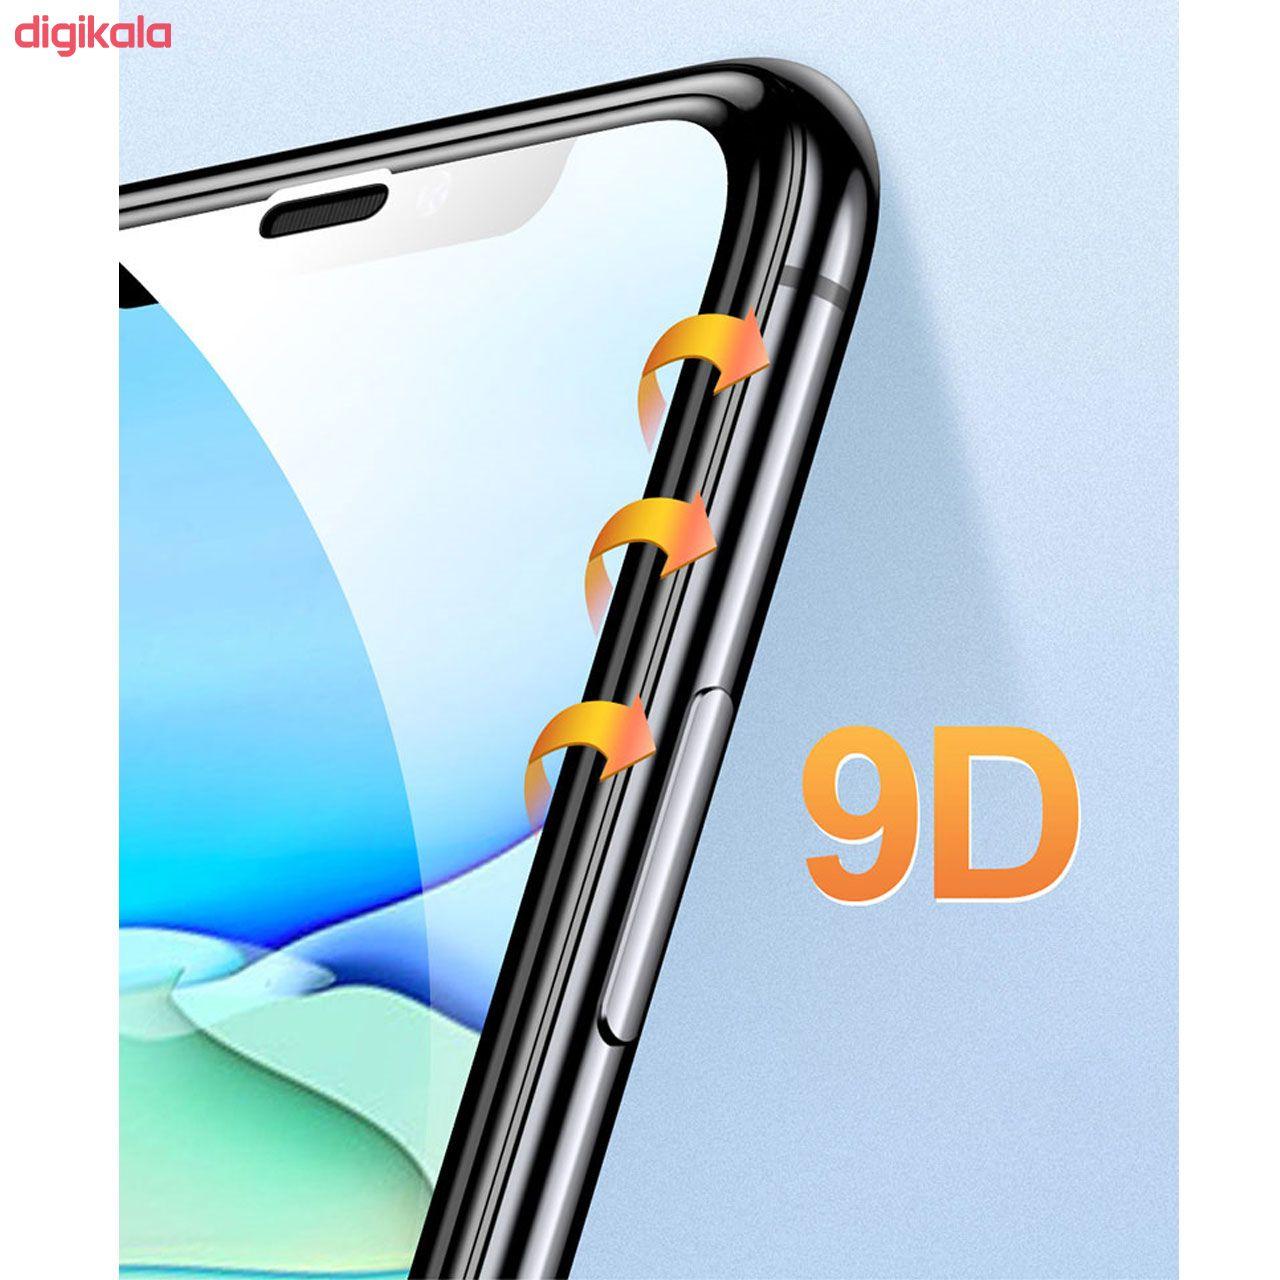 محافظ صفحه نمایش مدل FCG مناسب برای گوشی موبایل اپل iPhone 12 mini بسته دو عددی main 1 6